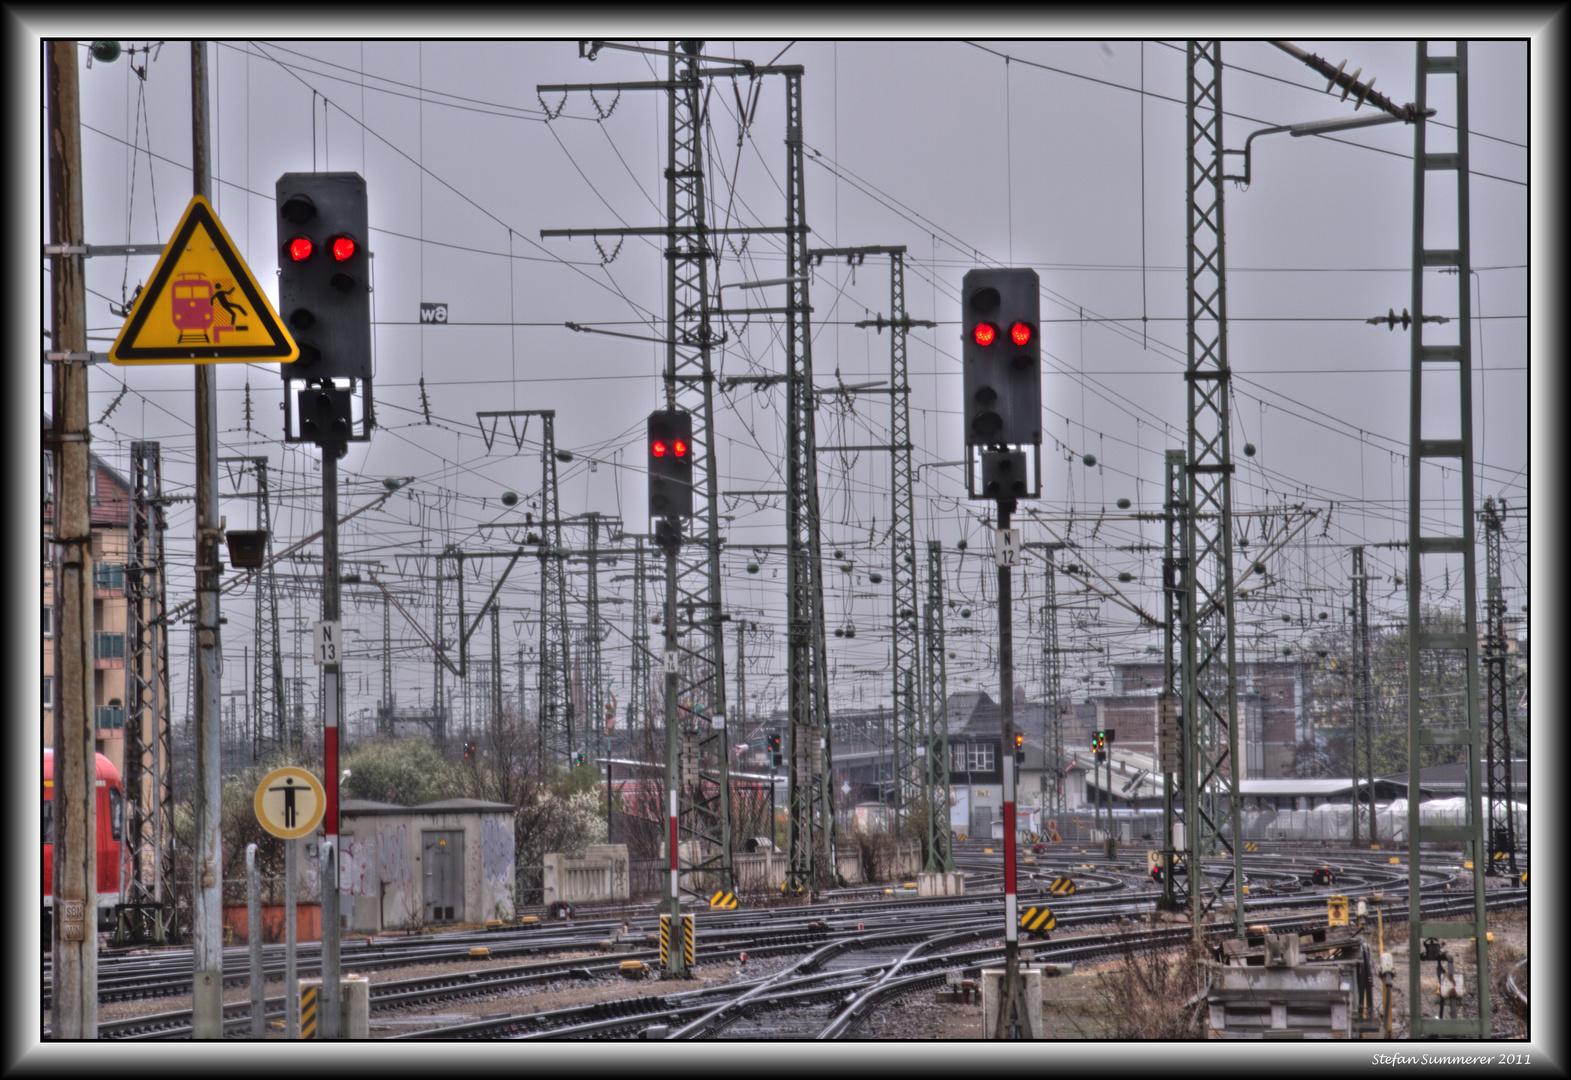 Signale auf Rot